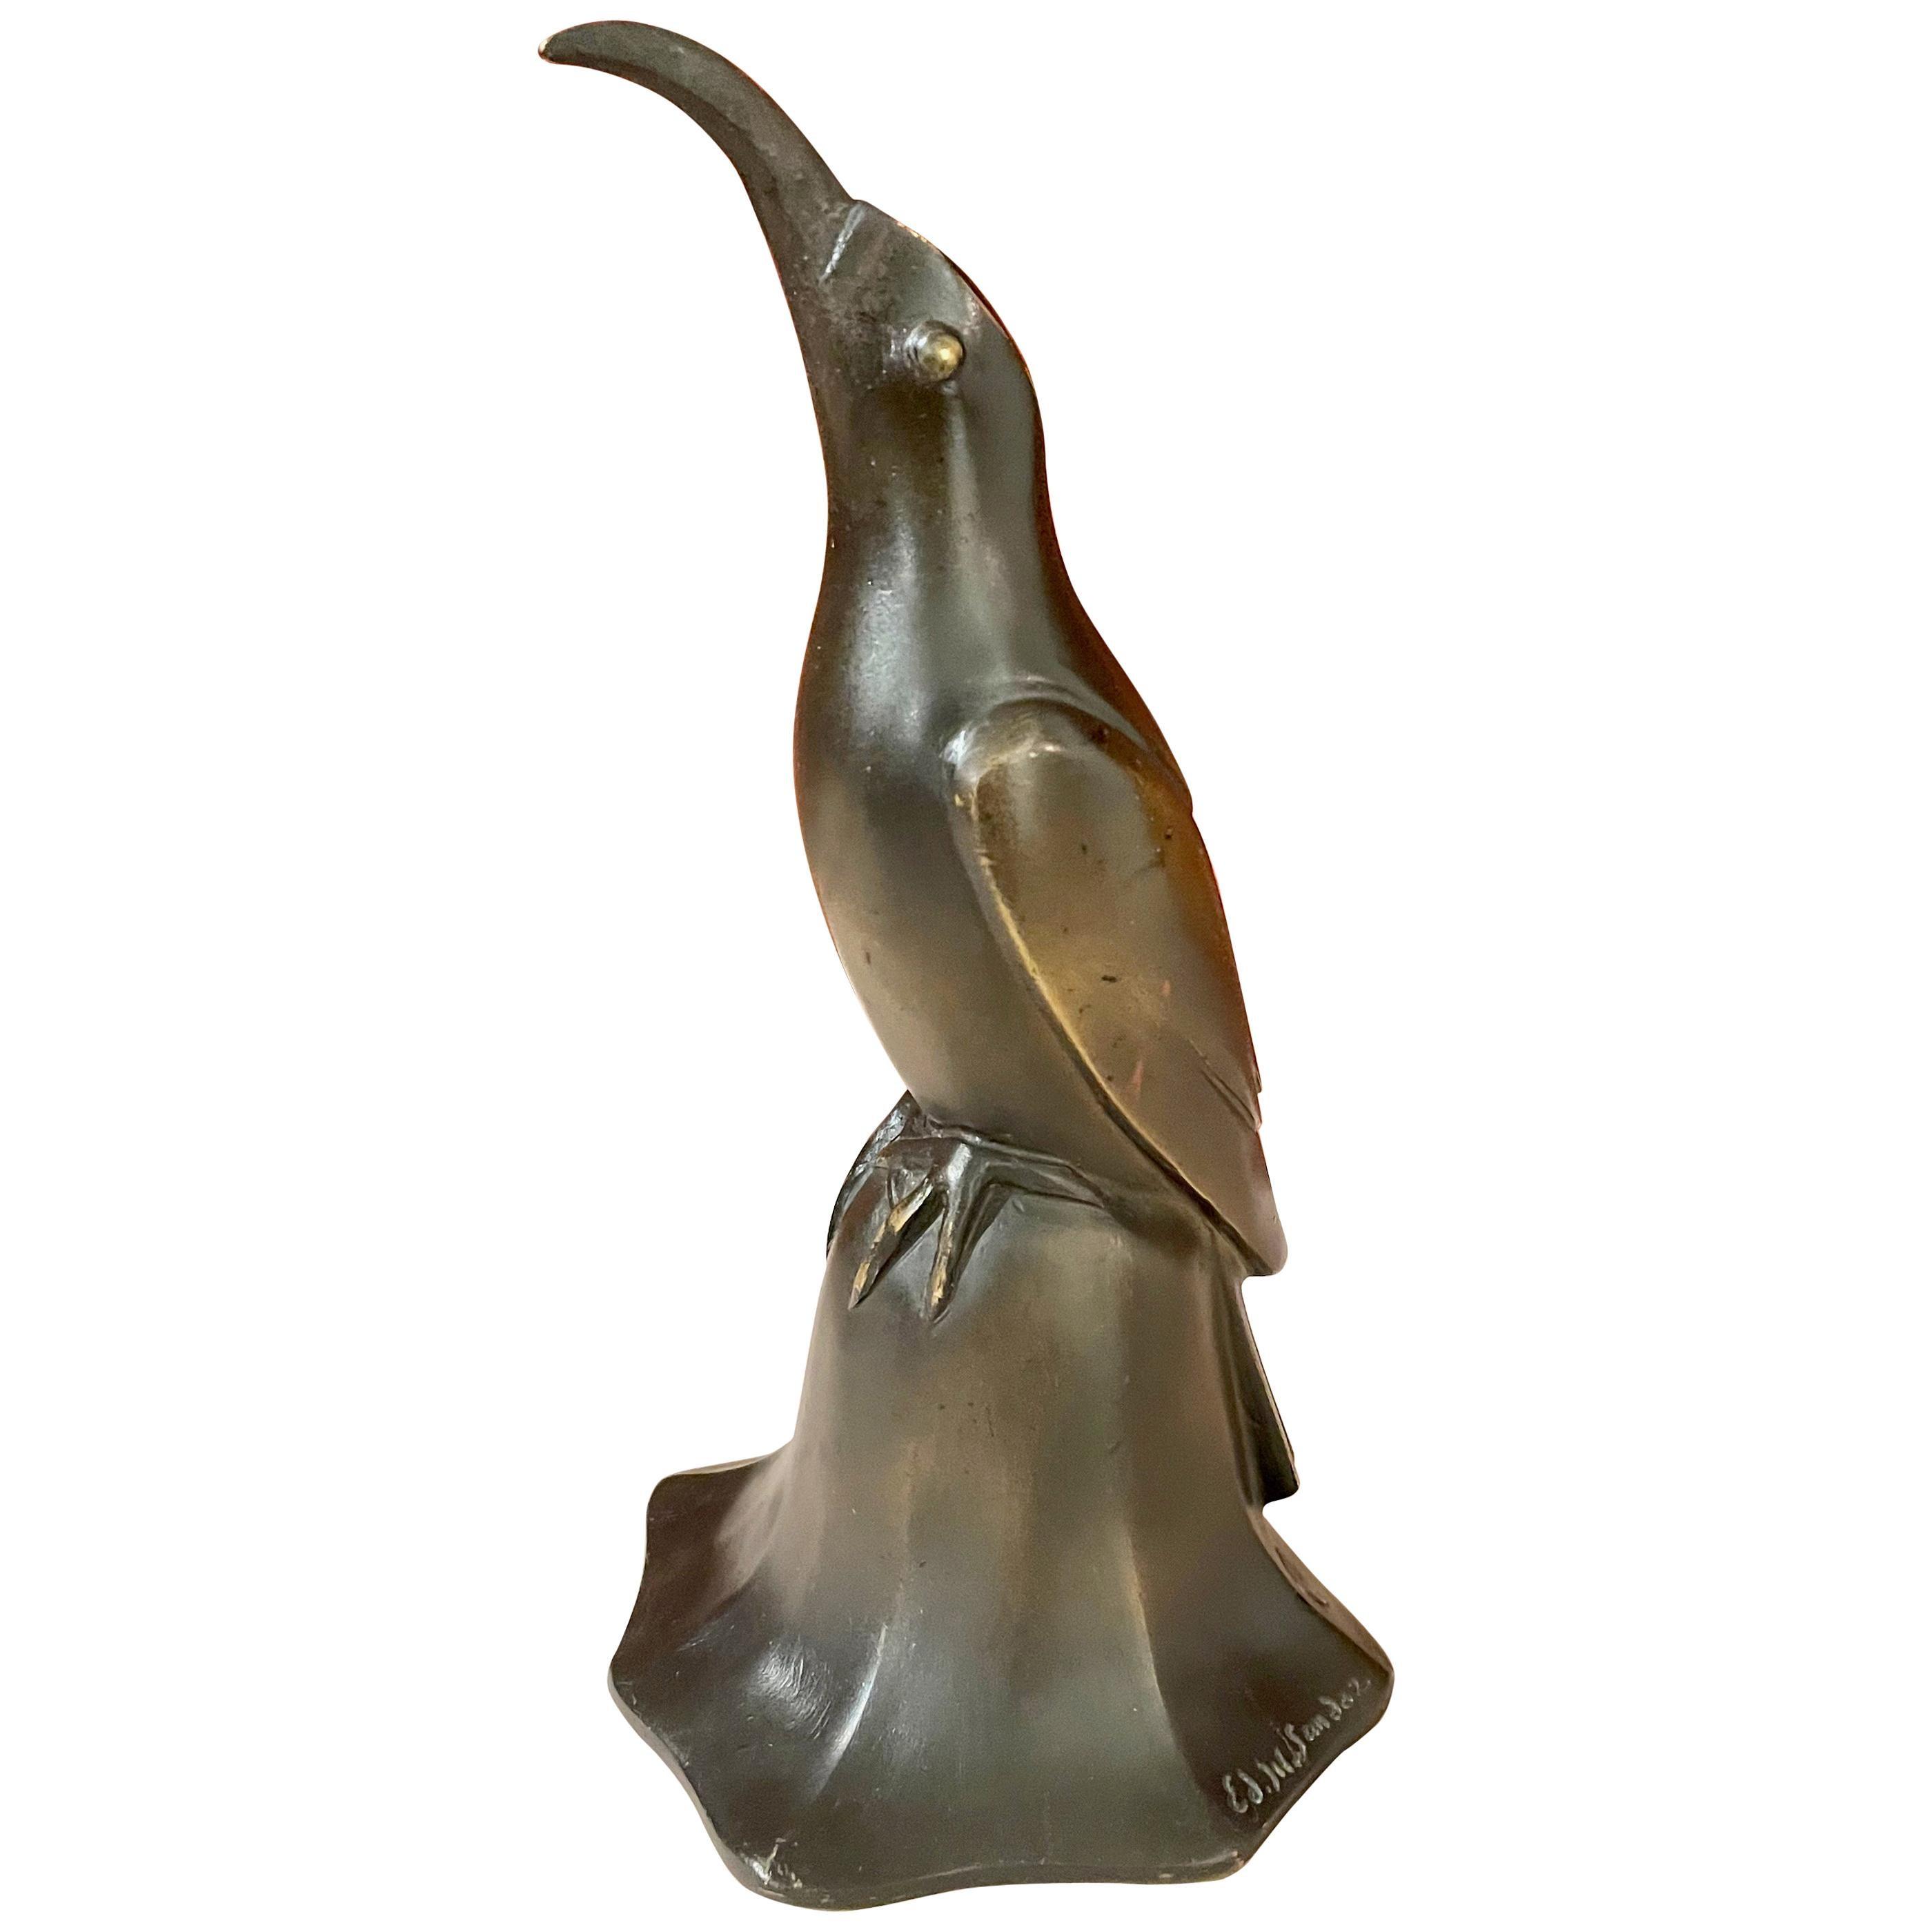 Art Deco Bronze Blue Bird Bell Sculpture by Edouard Marcel Sandoz Cubist, French